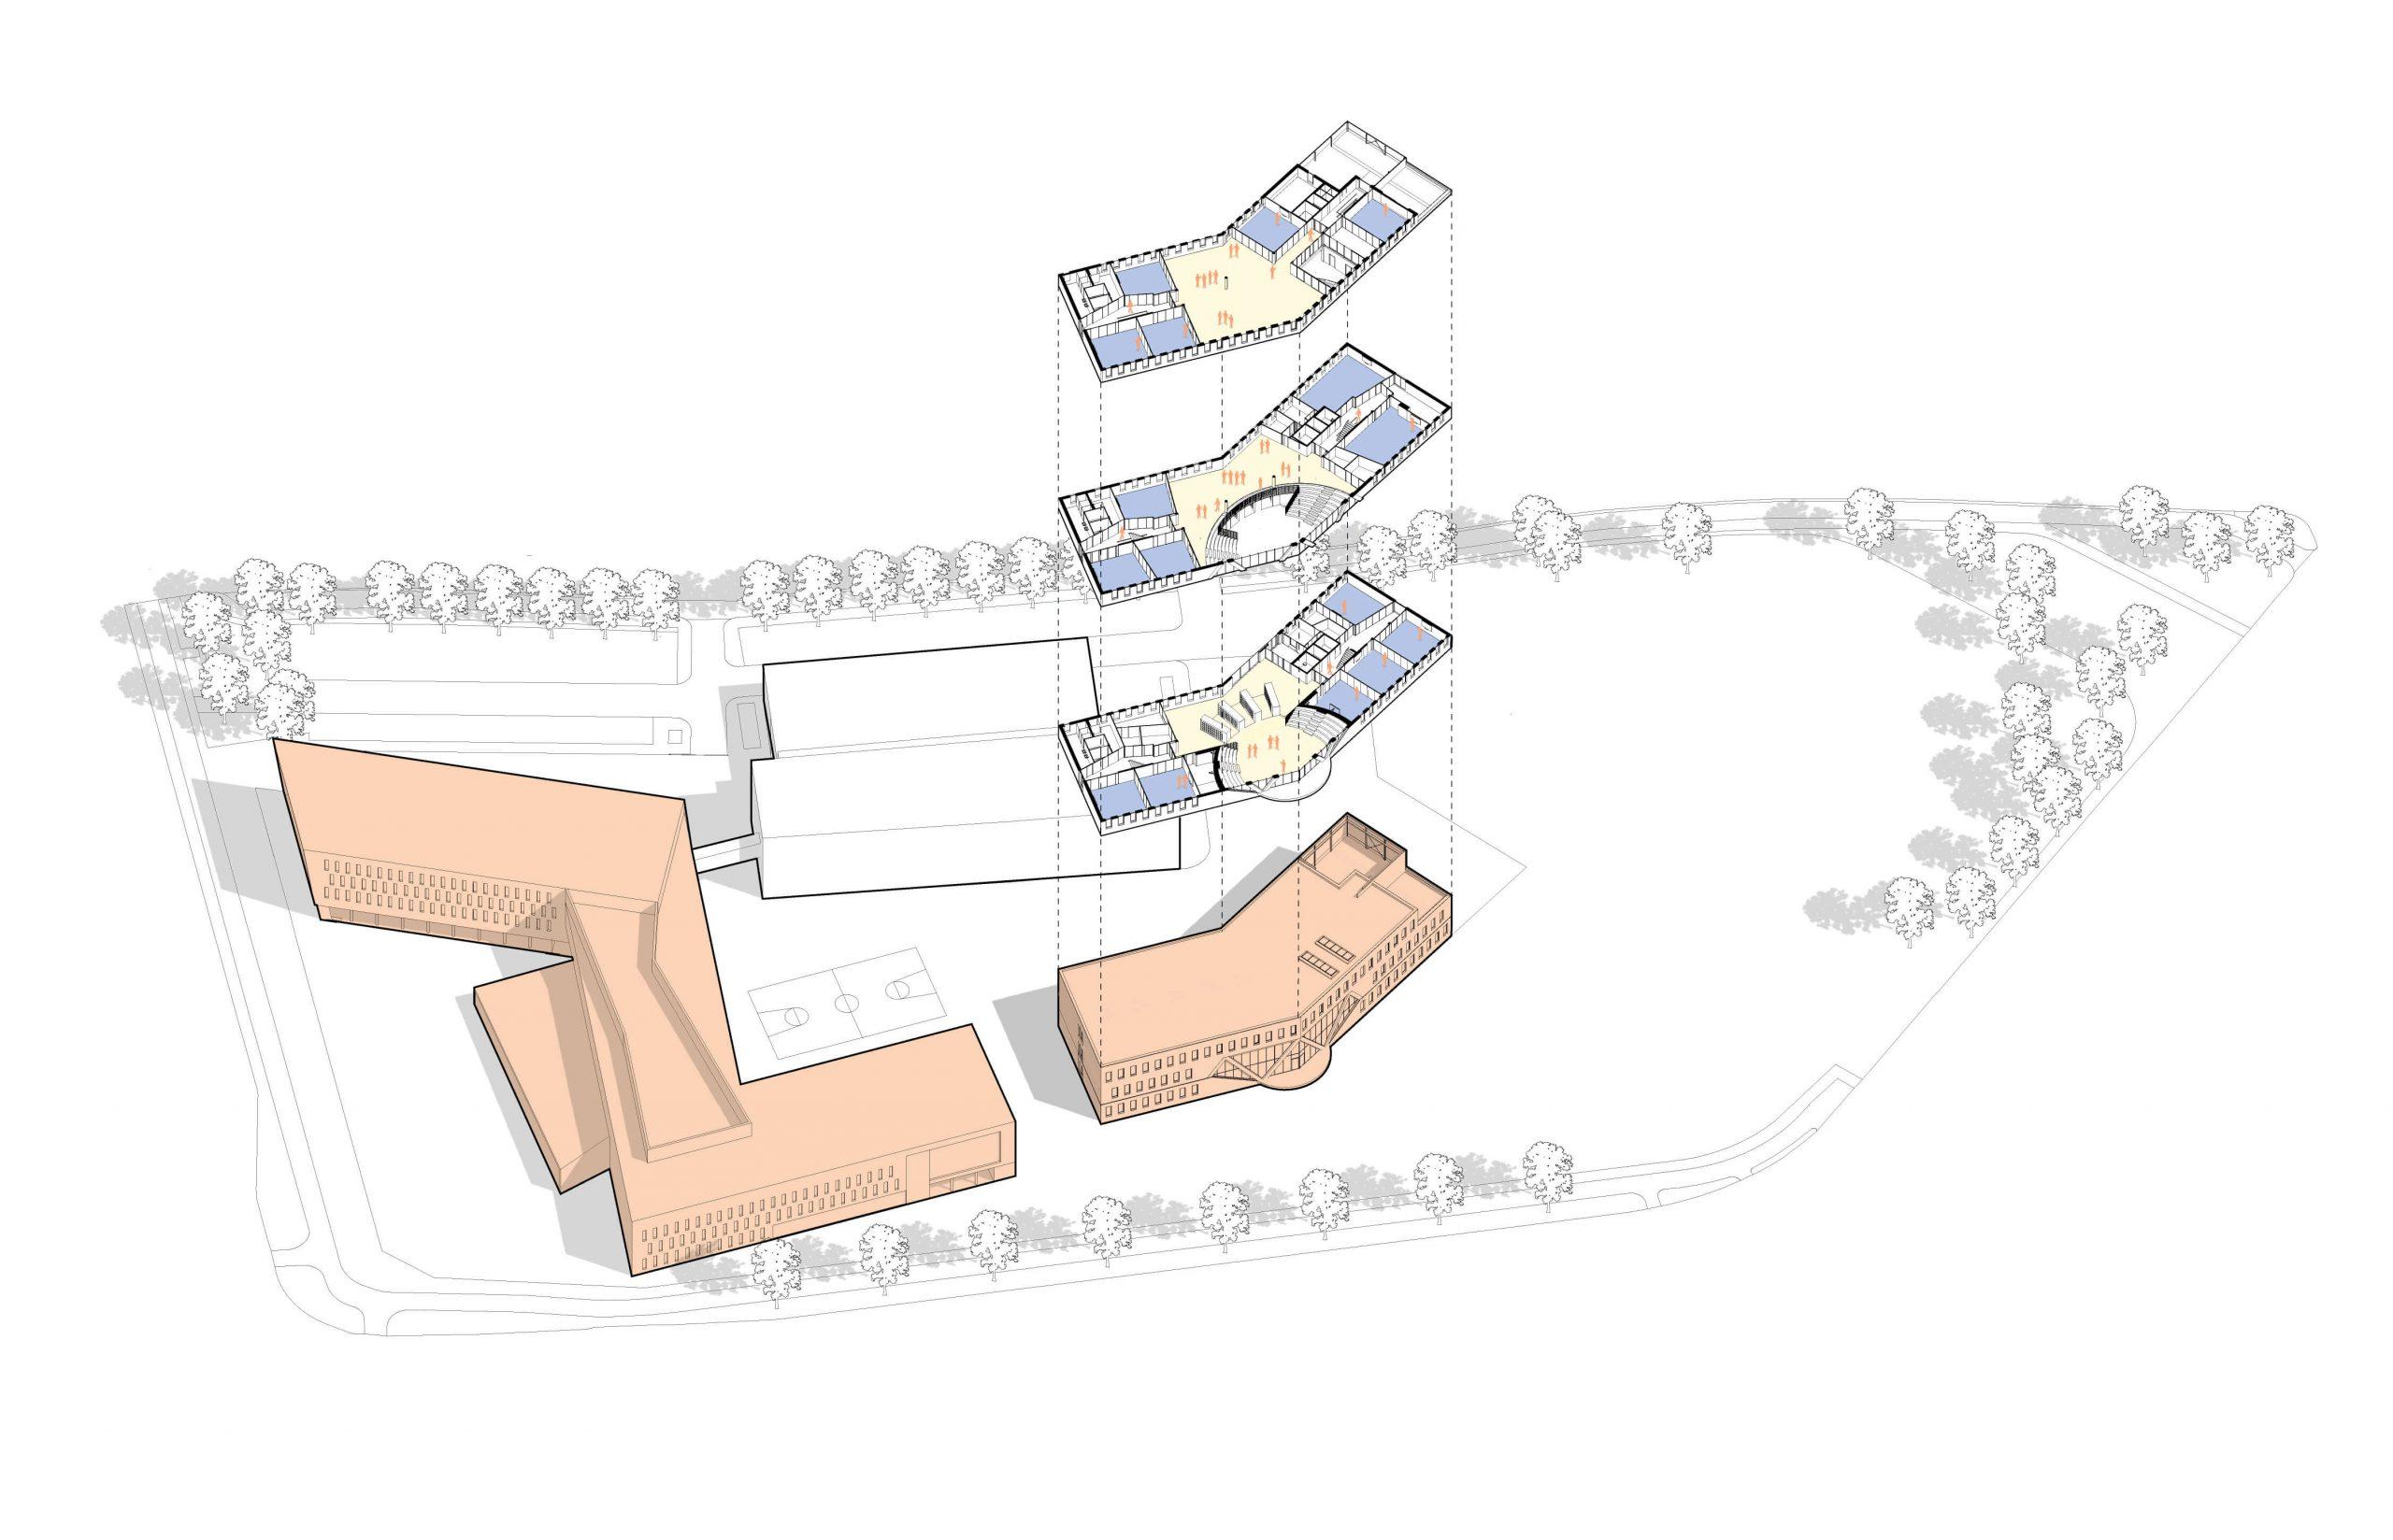 gasloos voortgezet openbaar middelbaar onderwijs zonnepanelen warmtepomp prefab roosendaal jtc sovor sporthal in de roos venhoeven cs heerkens van bavel